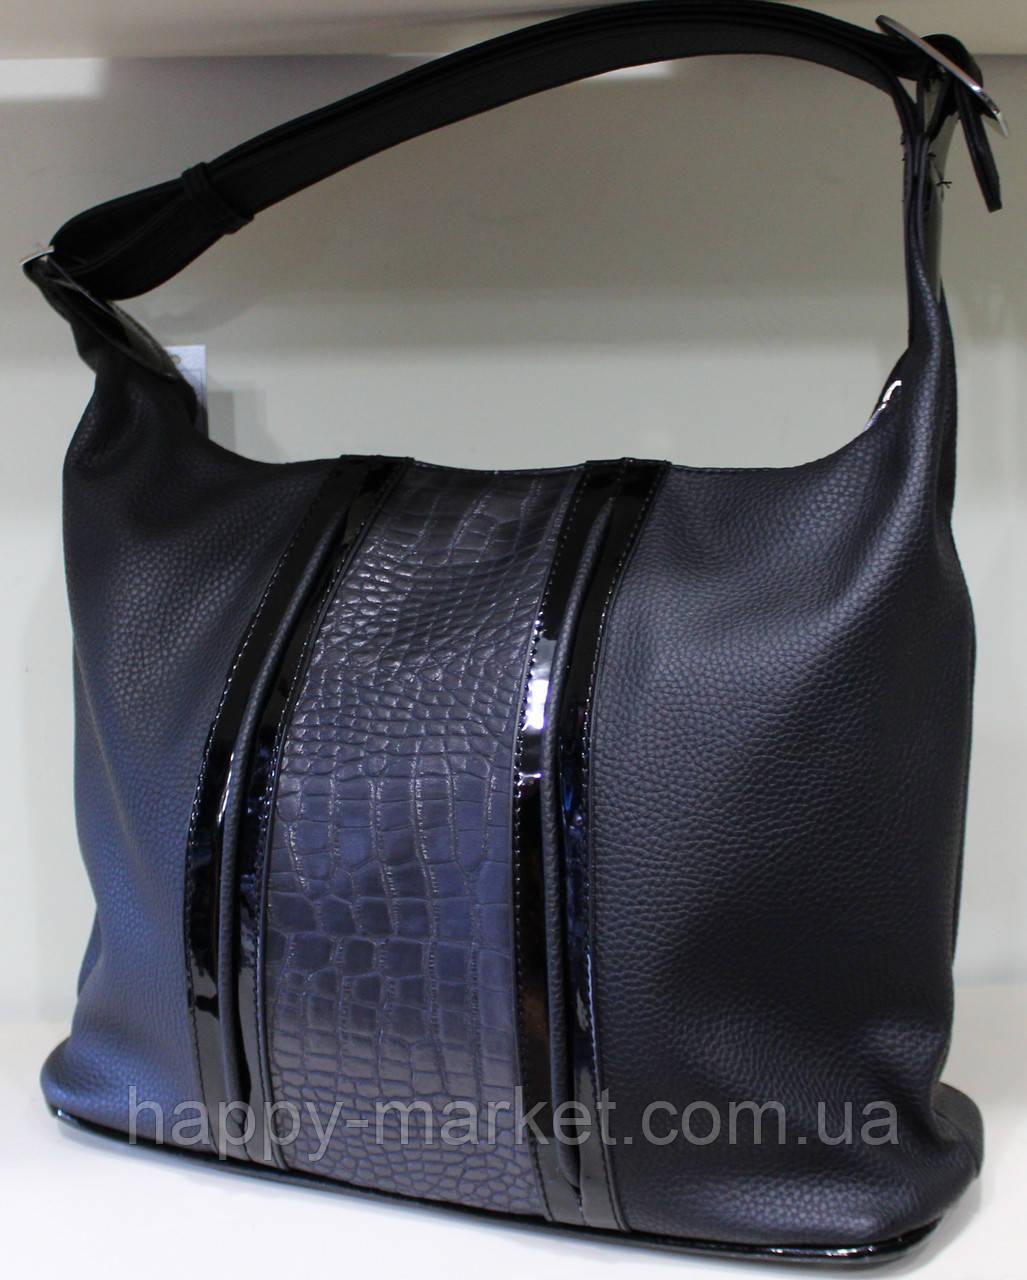 Сумка торба женская Производитель Украина 17-906-1